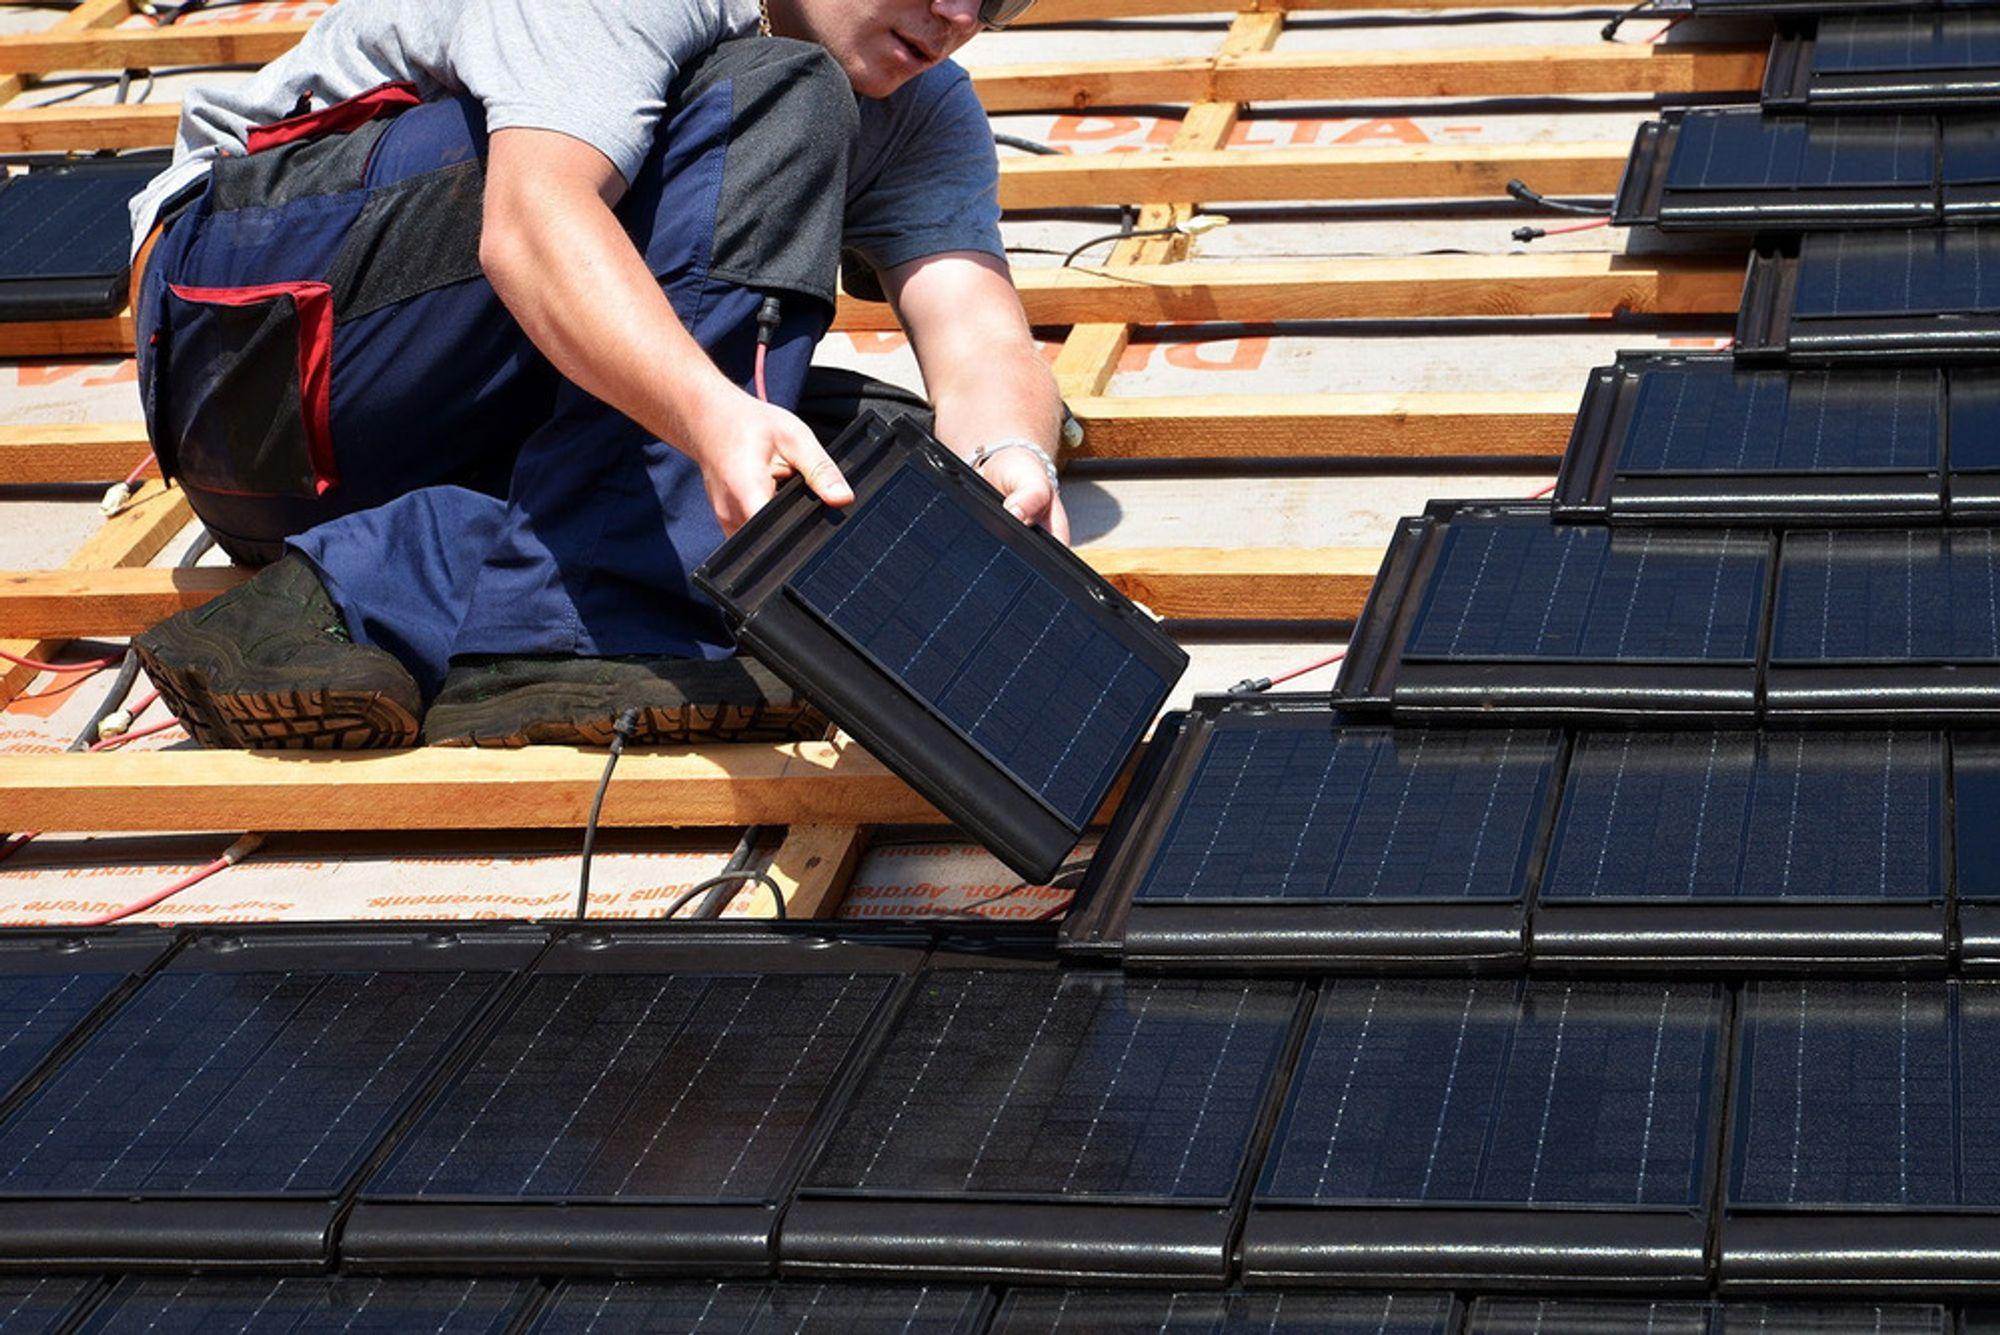 Kun 76 boliger fikk støtte fra Enova til elproduksjon i fjor. Det aller meste var solkraft.